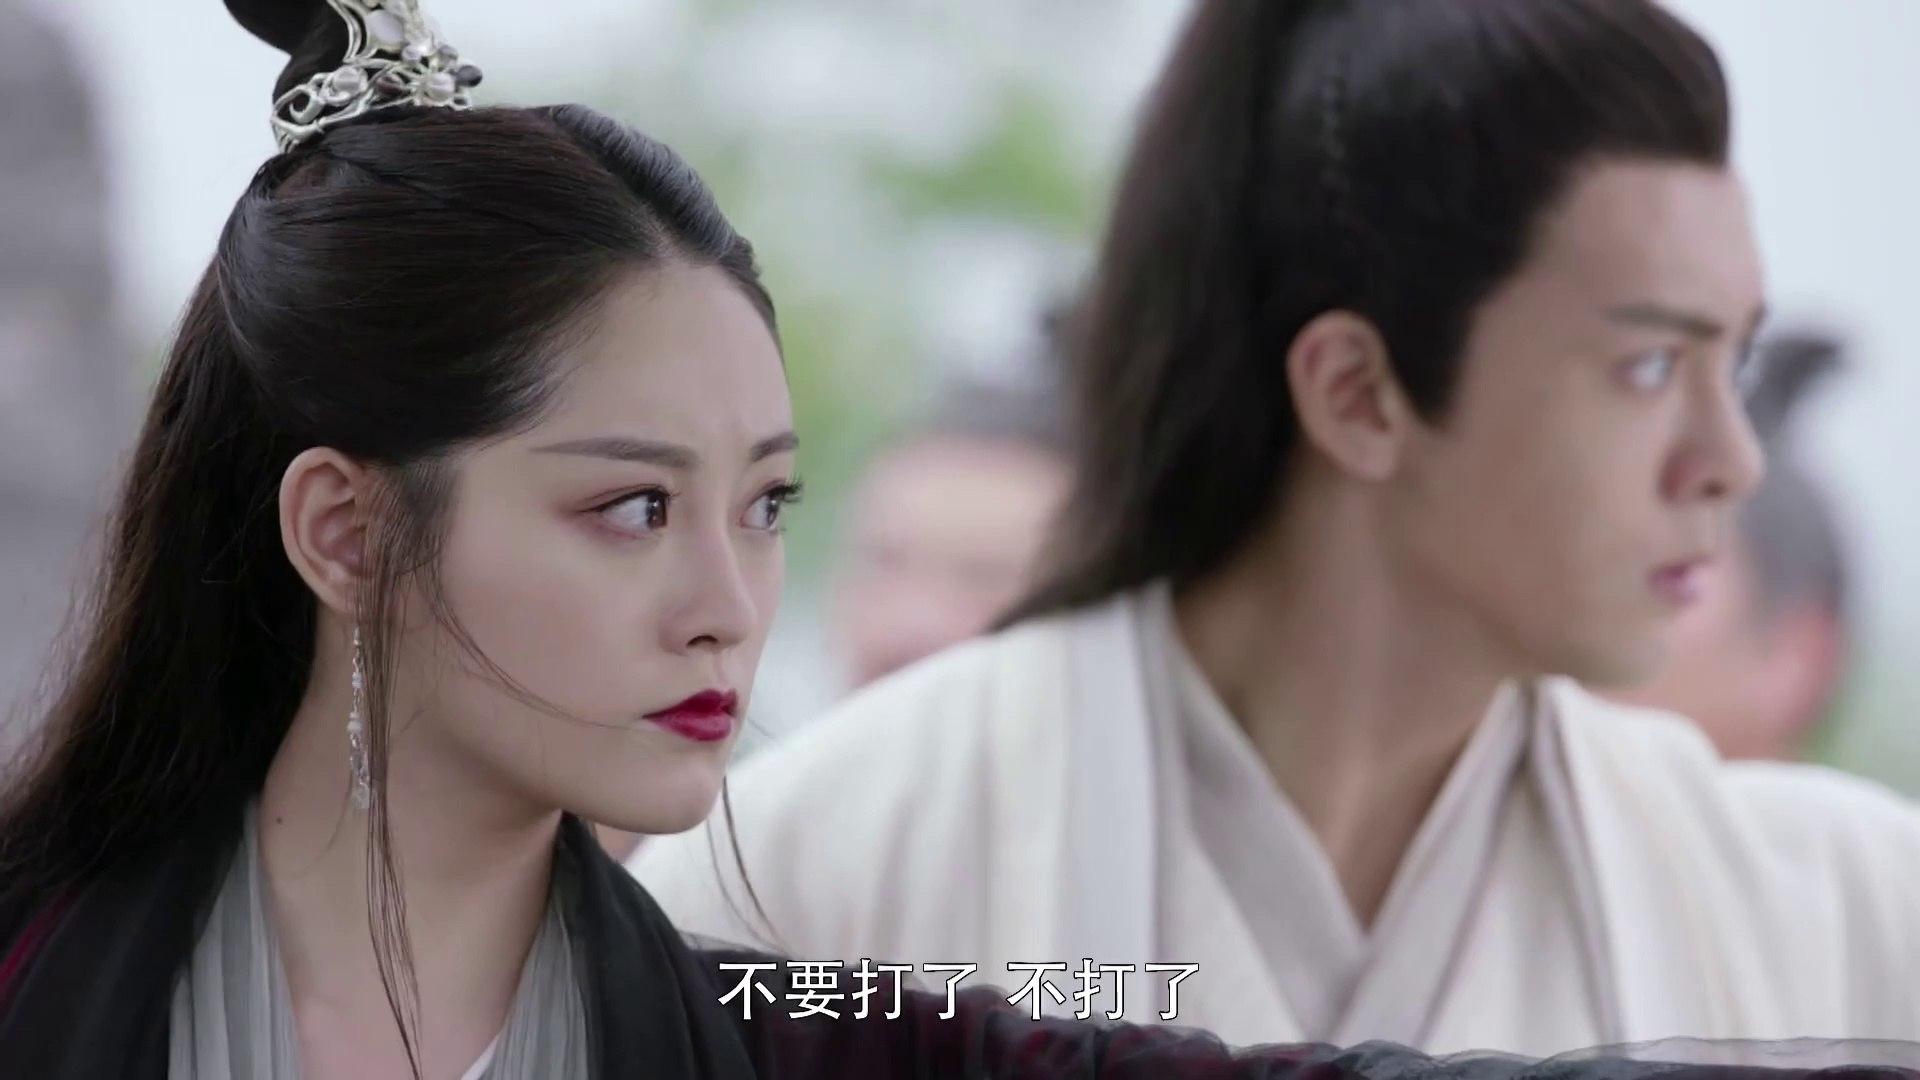 新倚天屠龙记2019 第47集 HD【主演 - 曾舜晞、陈钰琪、祝绪丹、周海媚】